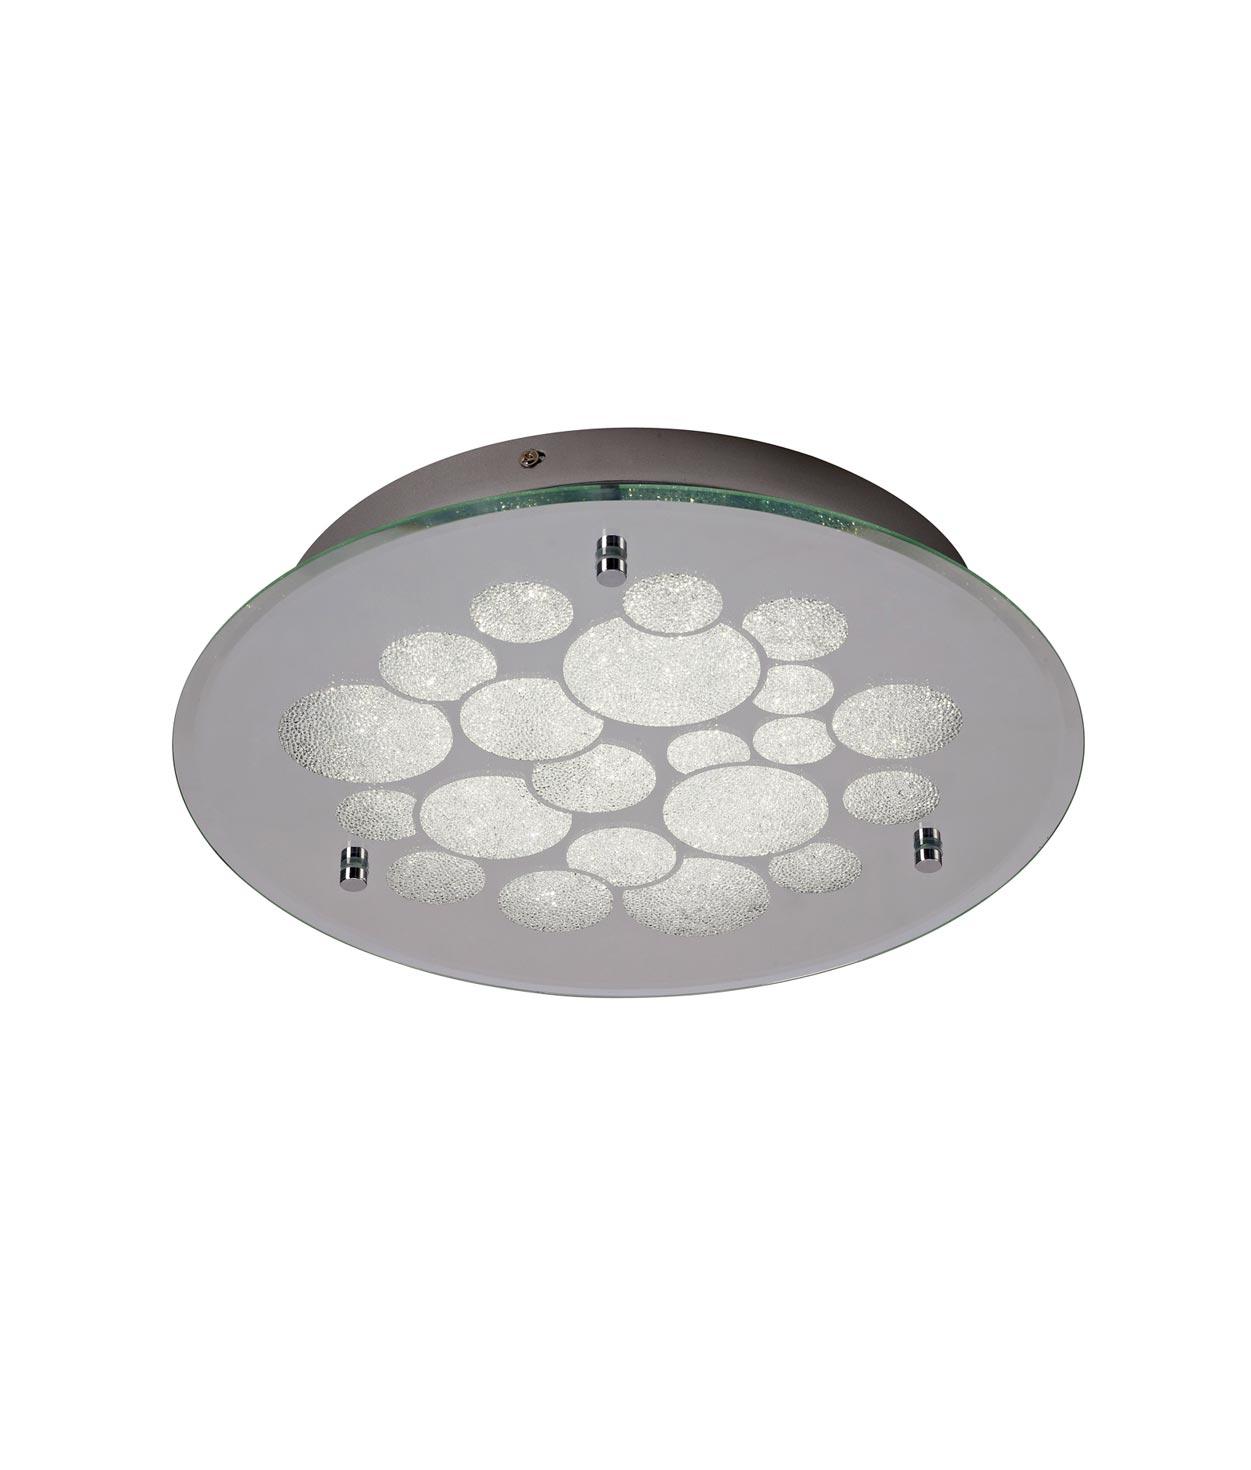 L mpara de techo cristal redonda coral led la casa de la - Lamparas de techo de led ...